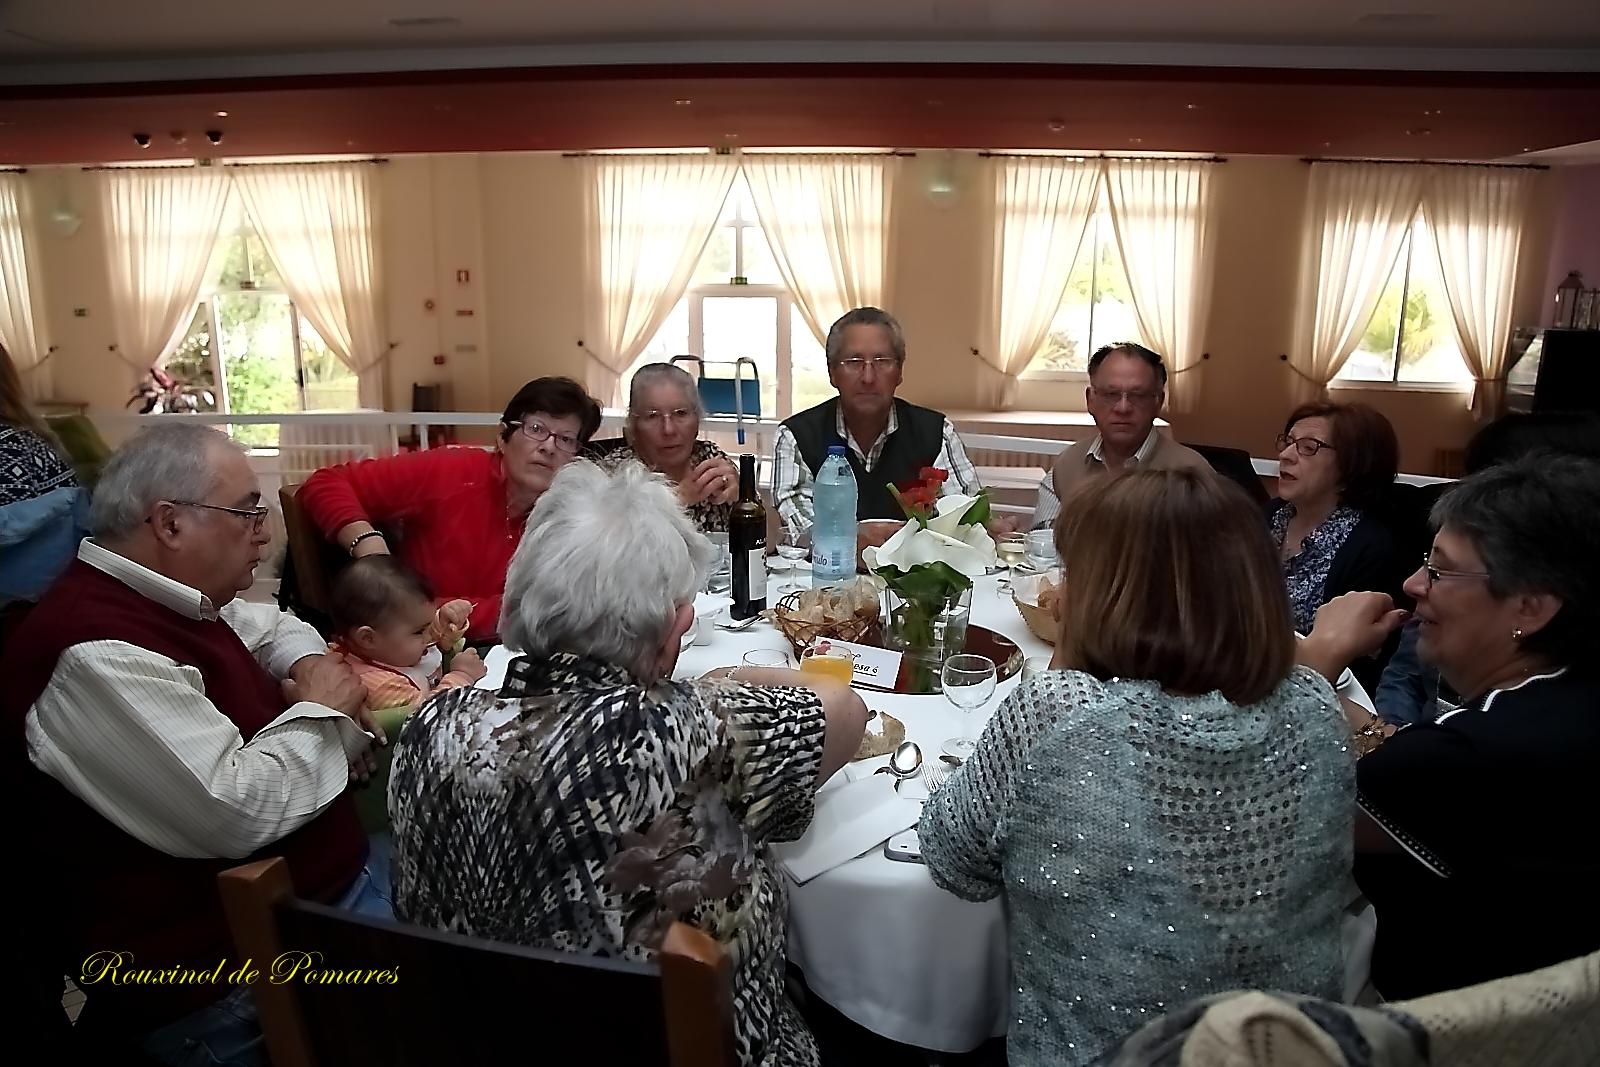 Almoço Comemoração 95 Anos Sociedade  (11)